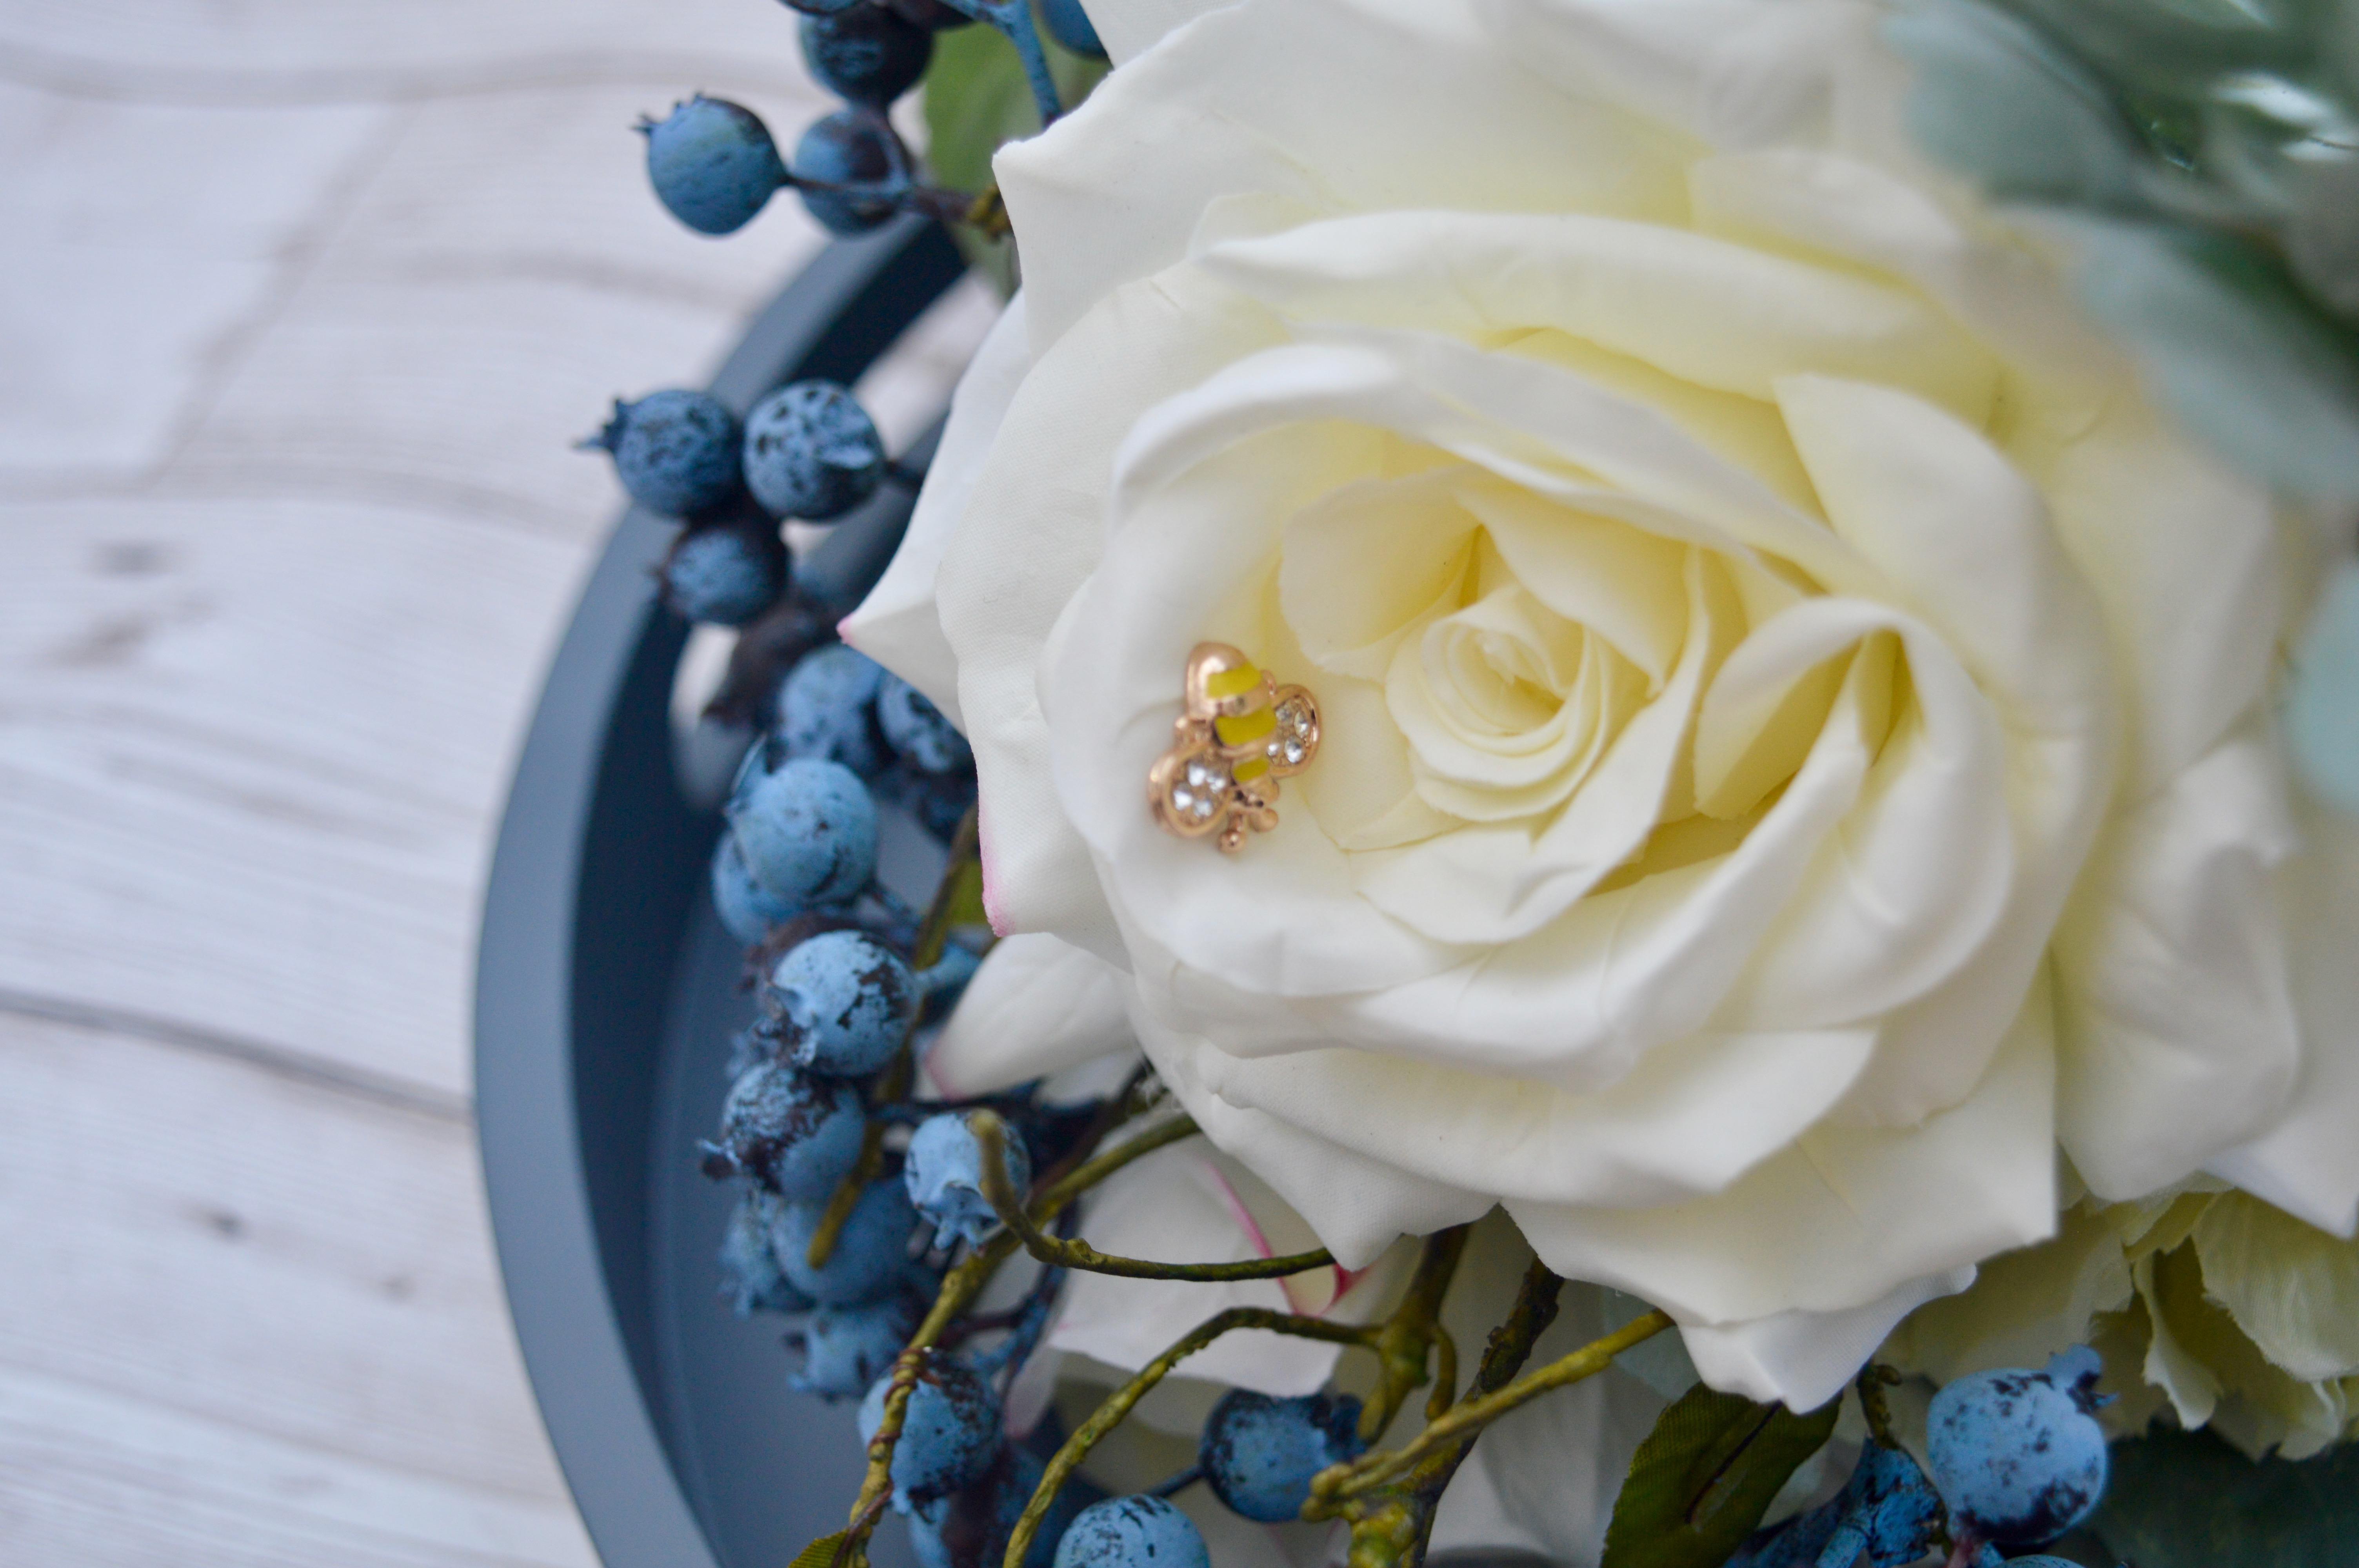 Faux Floral Bouquet Flowers with Bridgman Furniture   Home Interiors   Elle Blonde Luxury Lifestyle Destination Blog